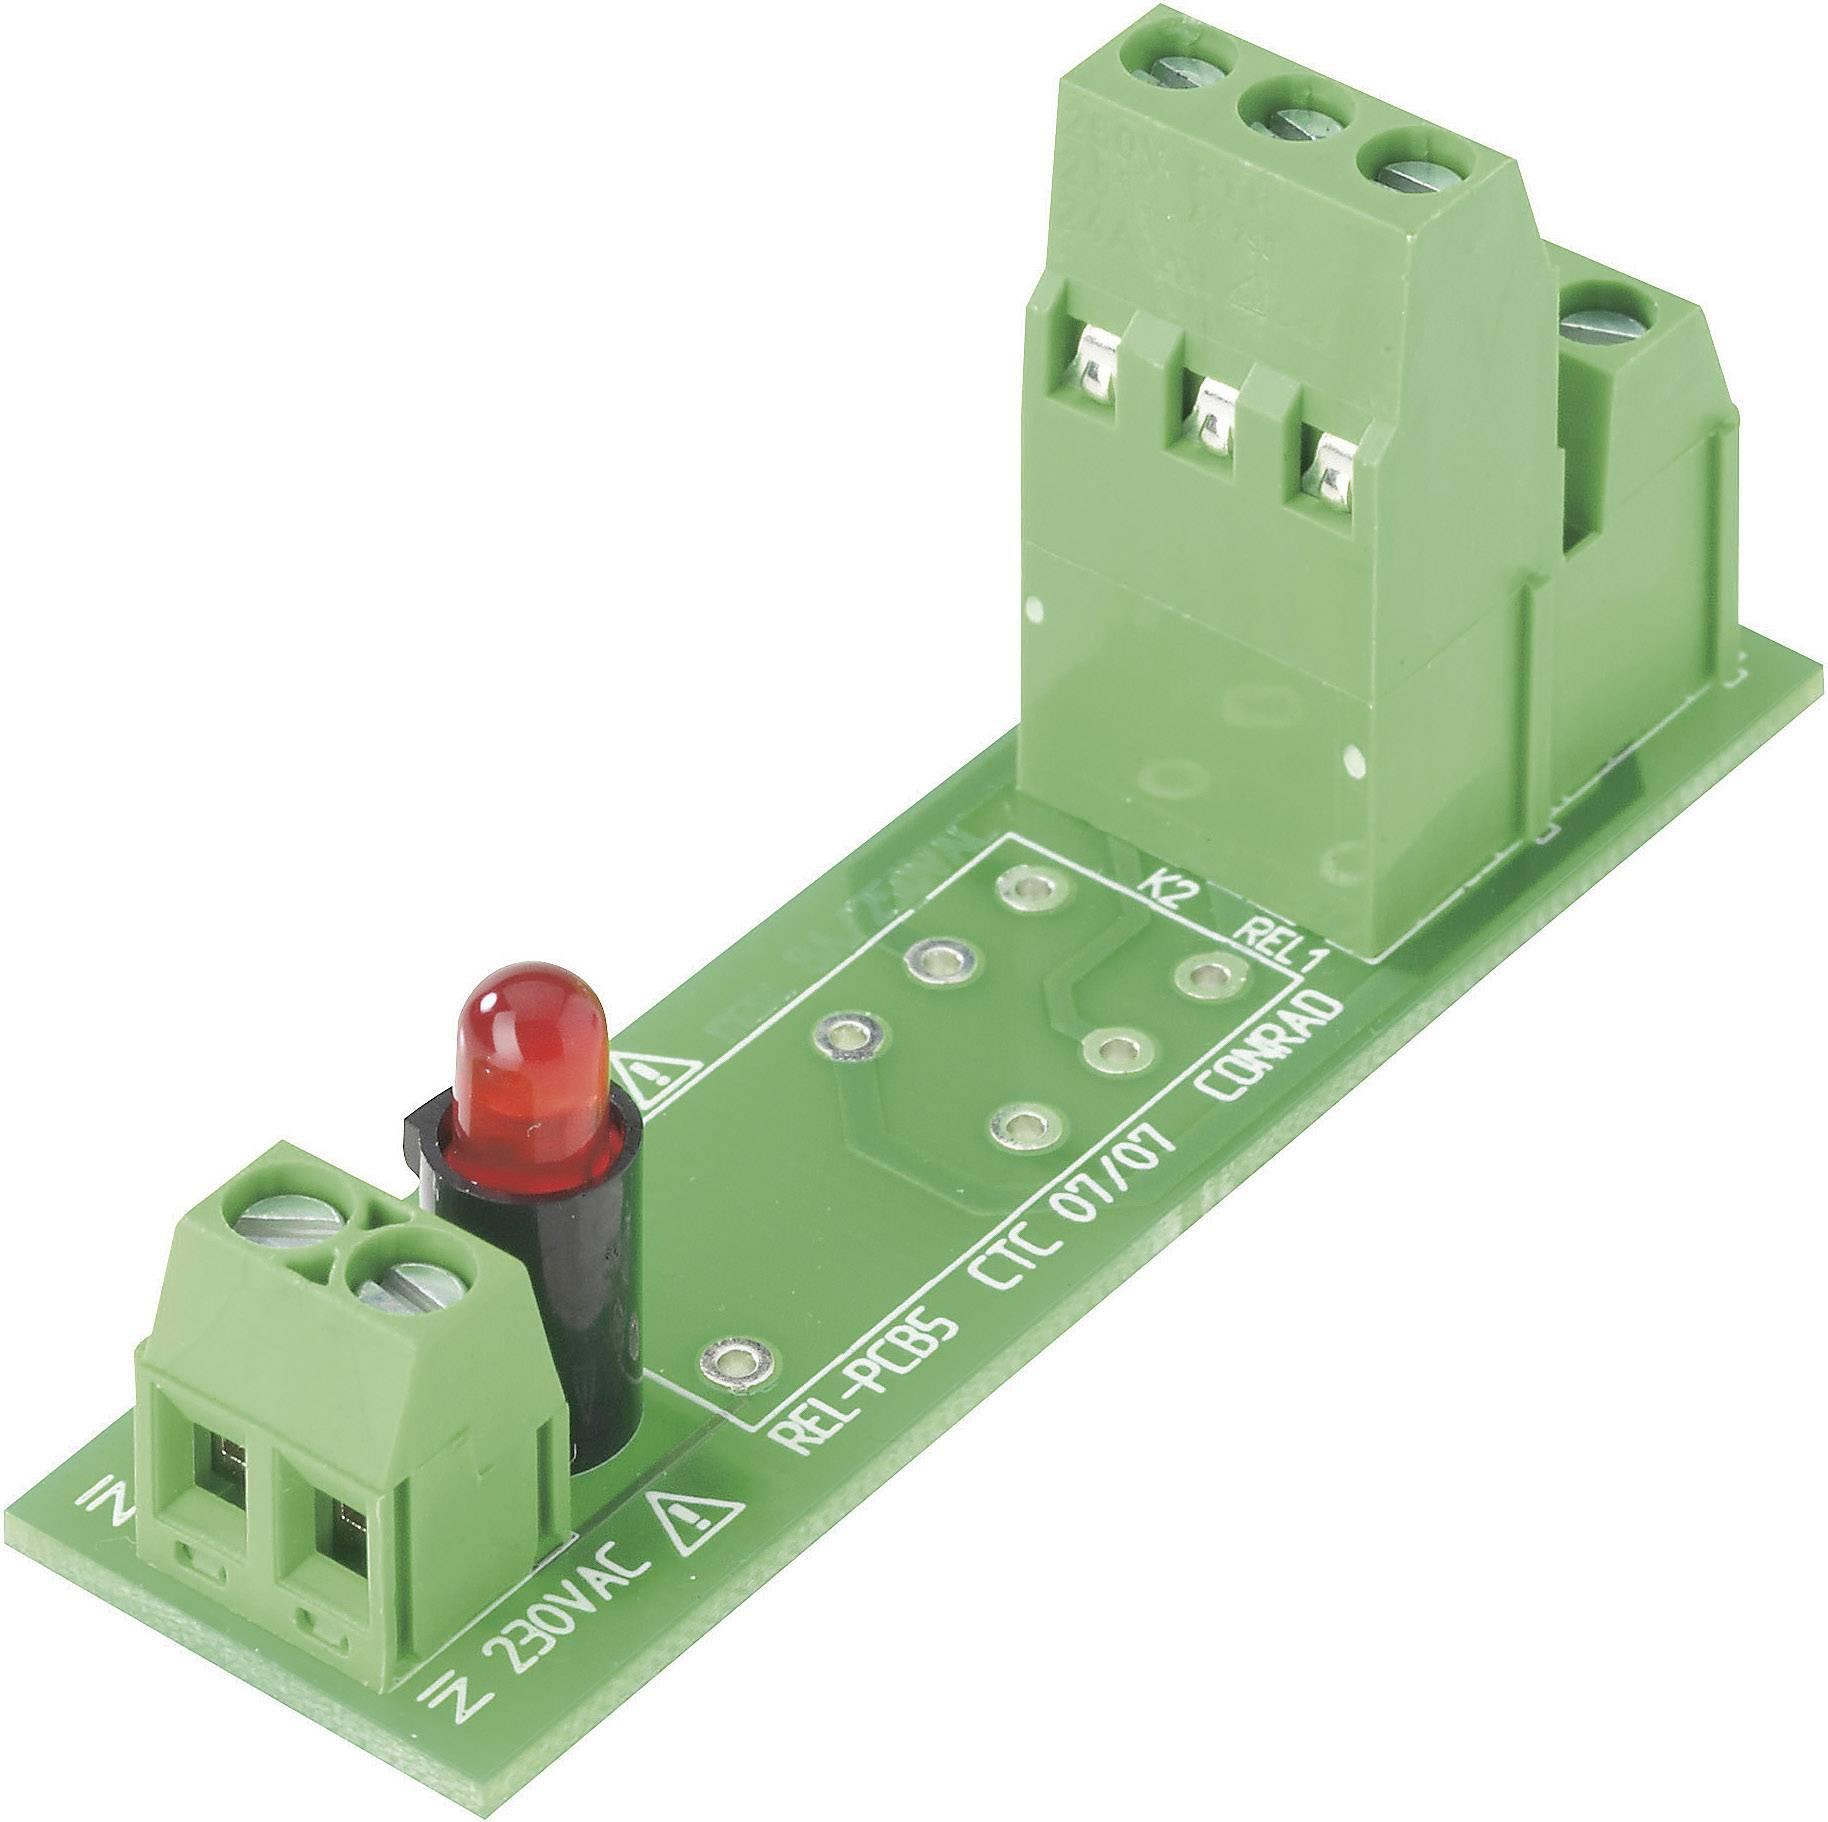 Deska relé REL-PCB5 0, bez relé, 230 VAC